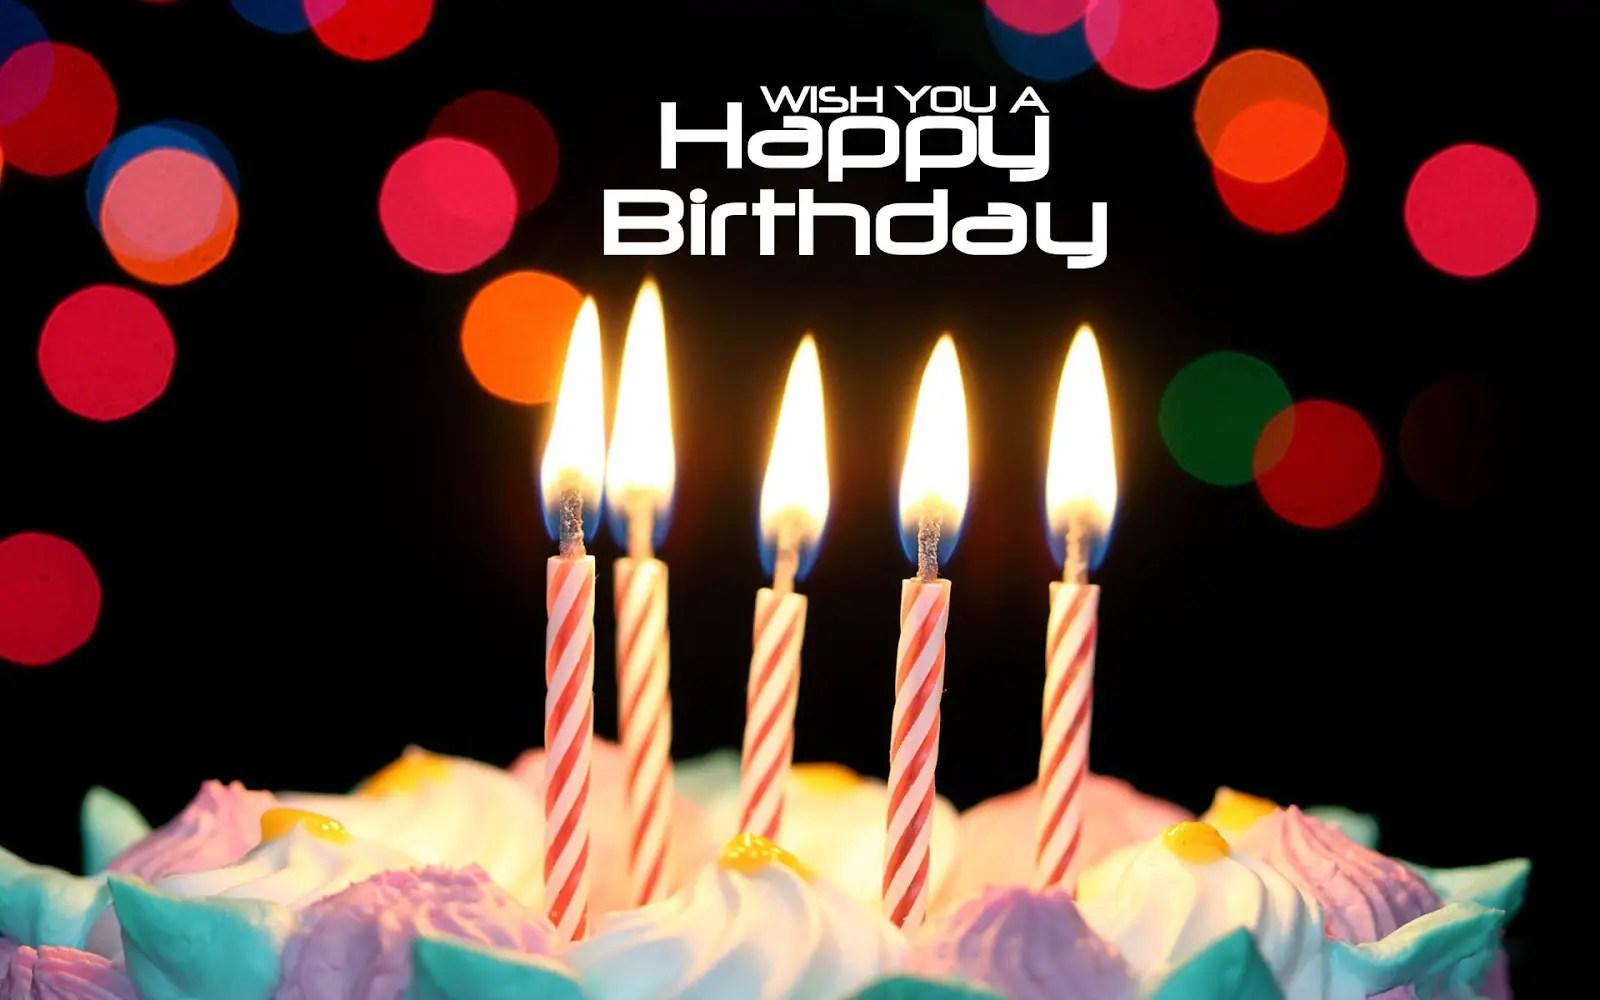 Cảm âm Chúc mừng Sinh nhật (happy birthday)